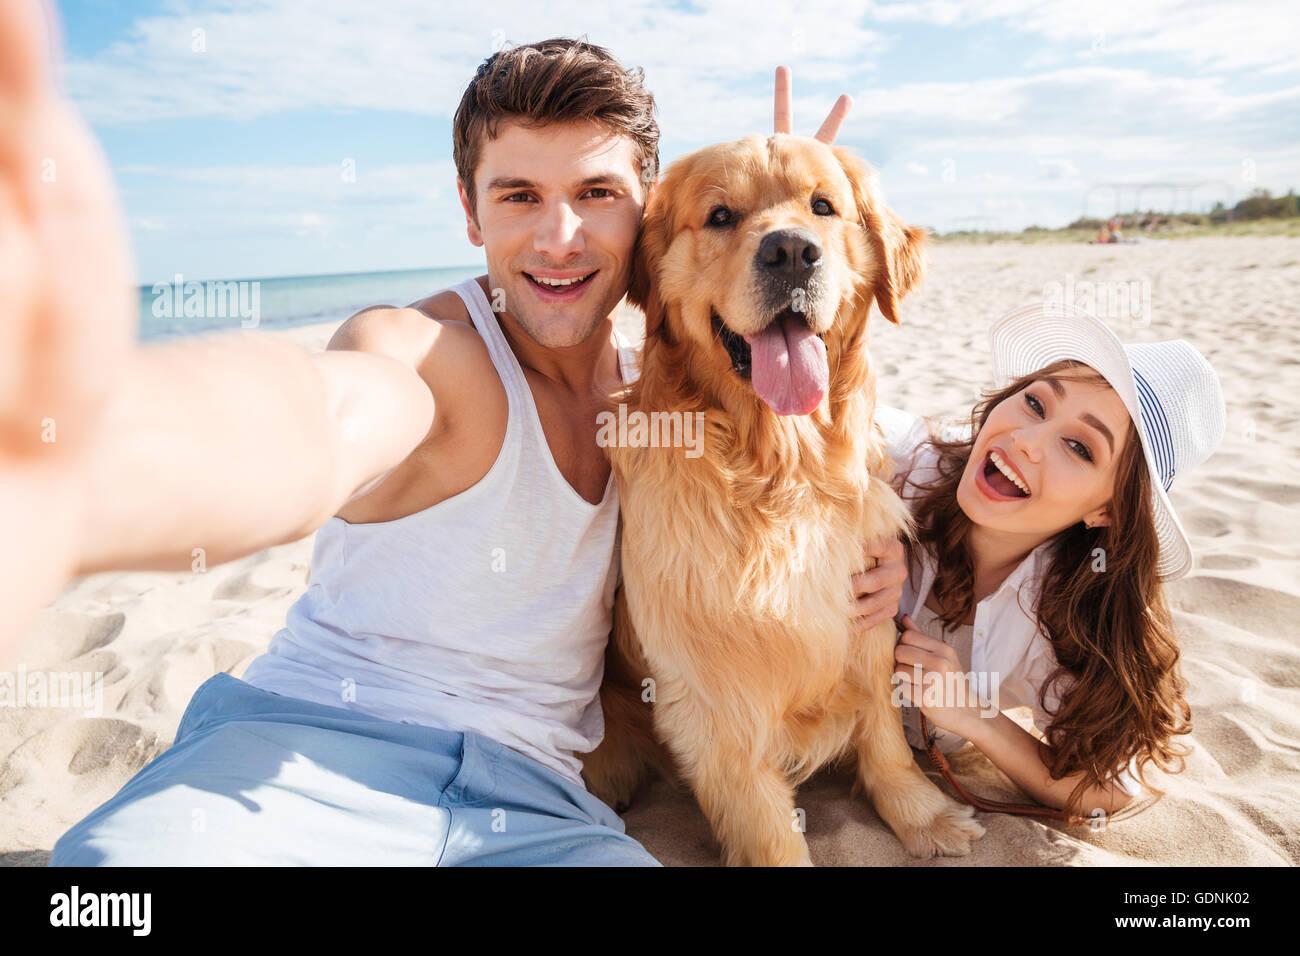 Junges glückliches Paar mit Hund unter einem Selfie am Strand Stockbild